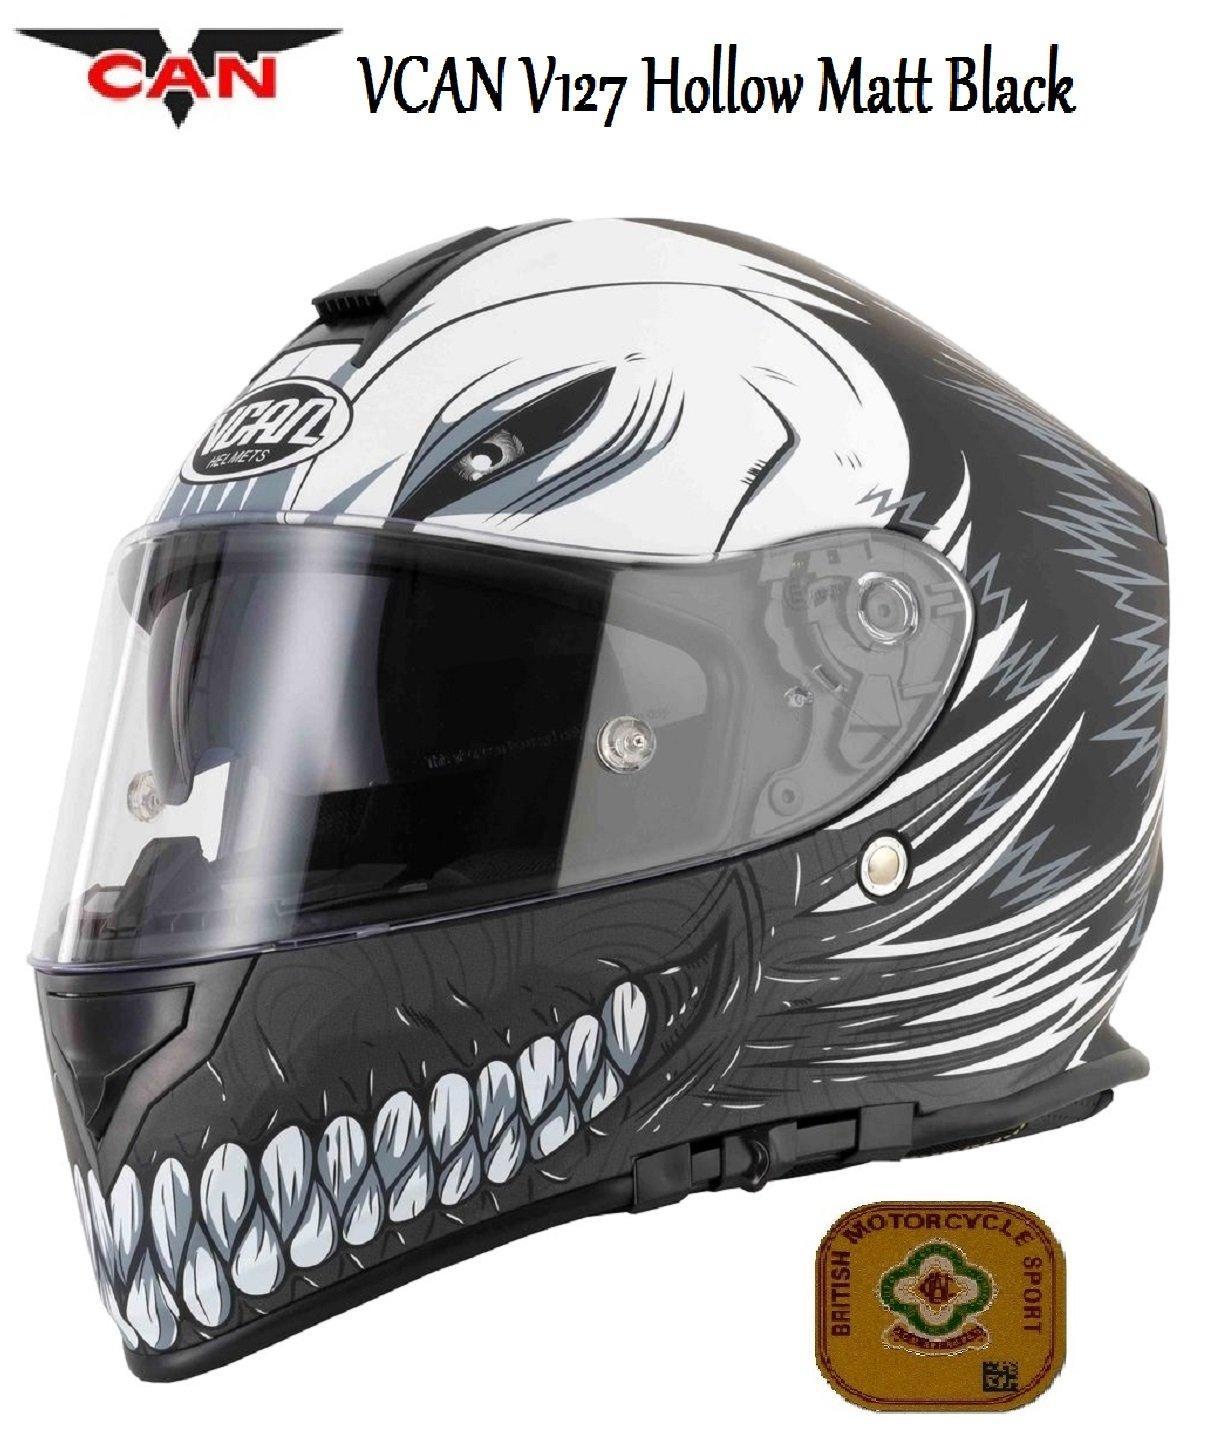 Motocicleta VCAN V127/Hueca Negro Mate Casco Integral para Motocicleta Face Graphic CEPE ACU Aprobado Sports Touring Casco y Rejilla pasamonta/ñas